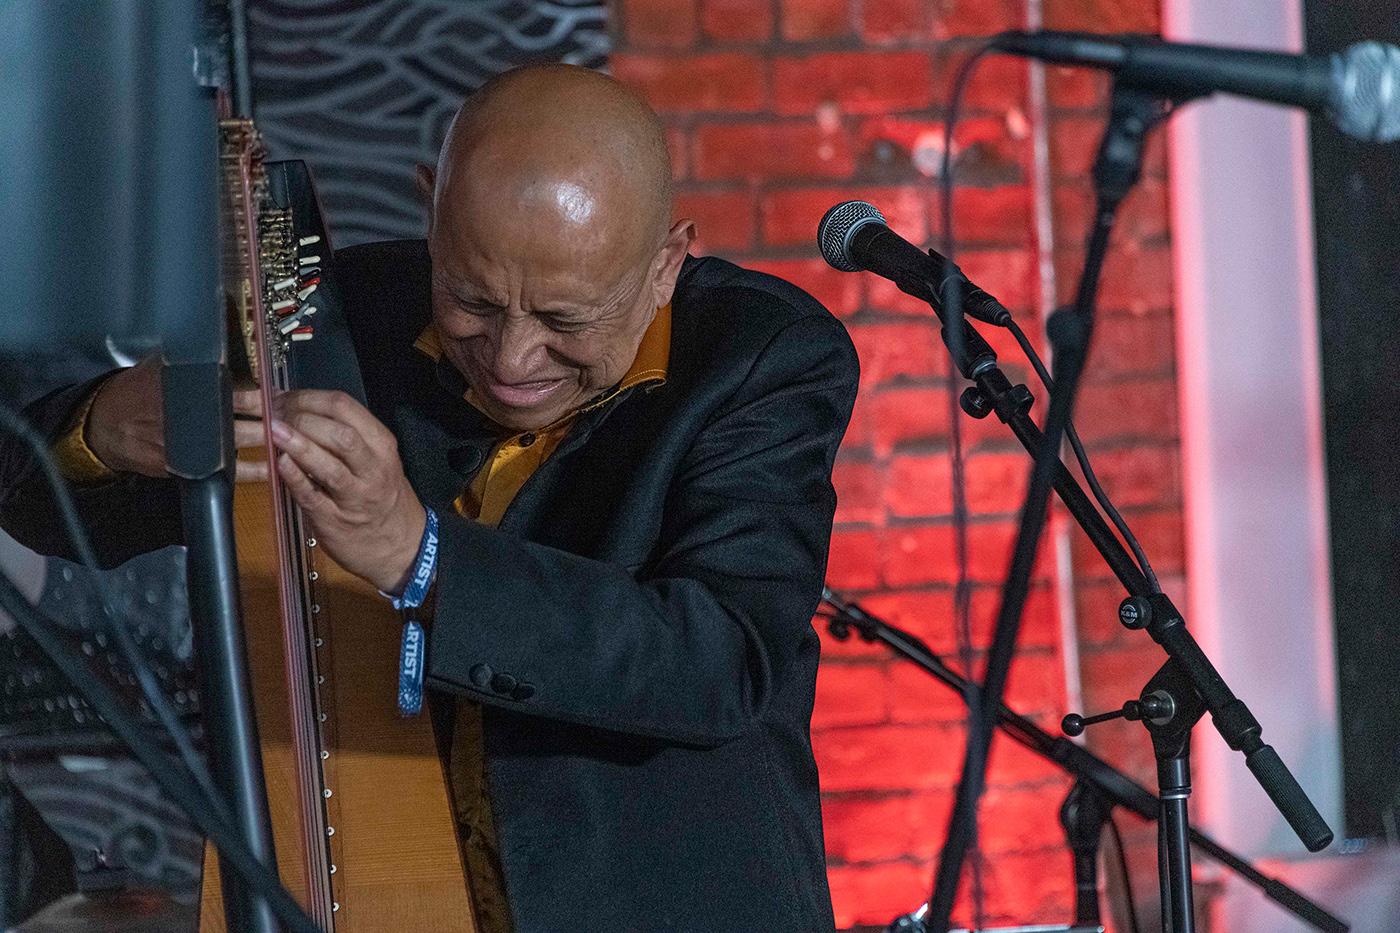 band concert festival guitarist guitars musicians photoshoot portrait singers